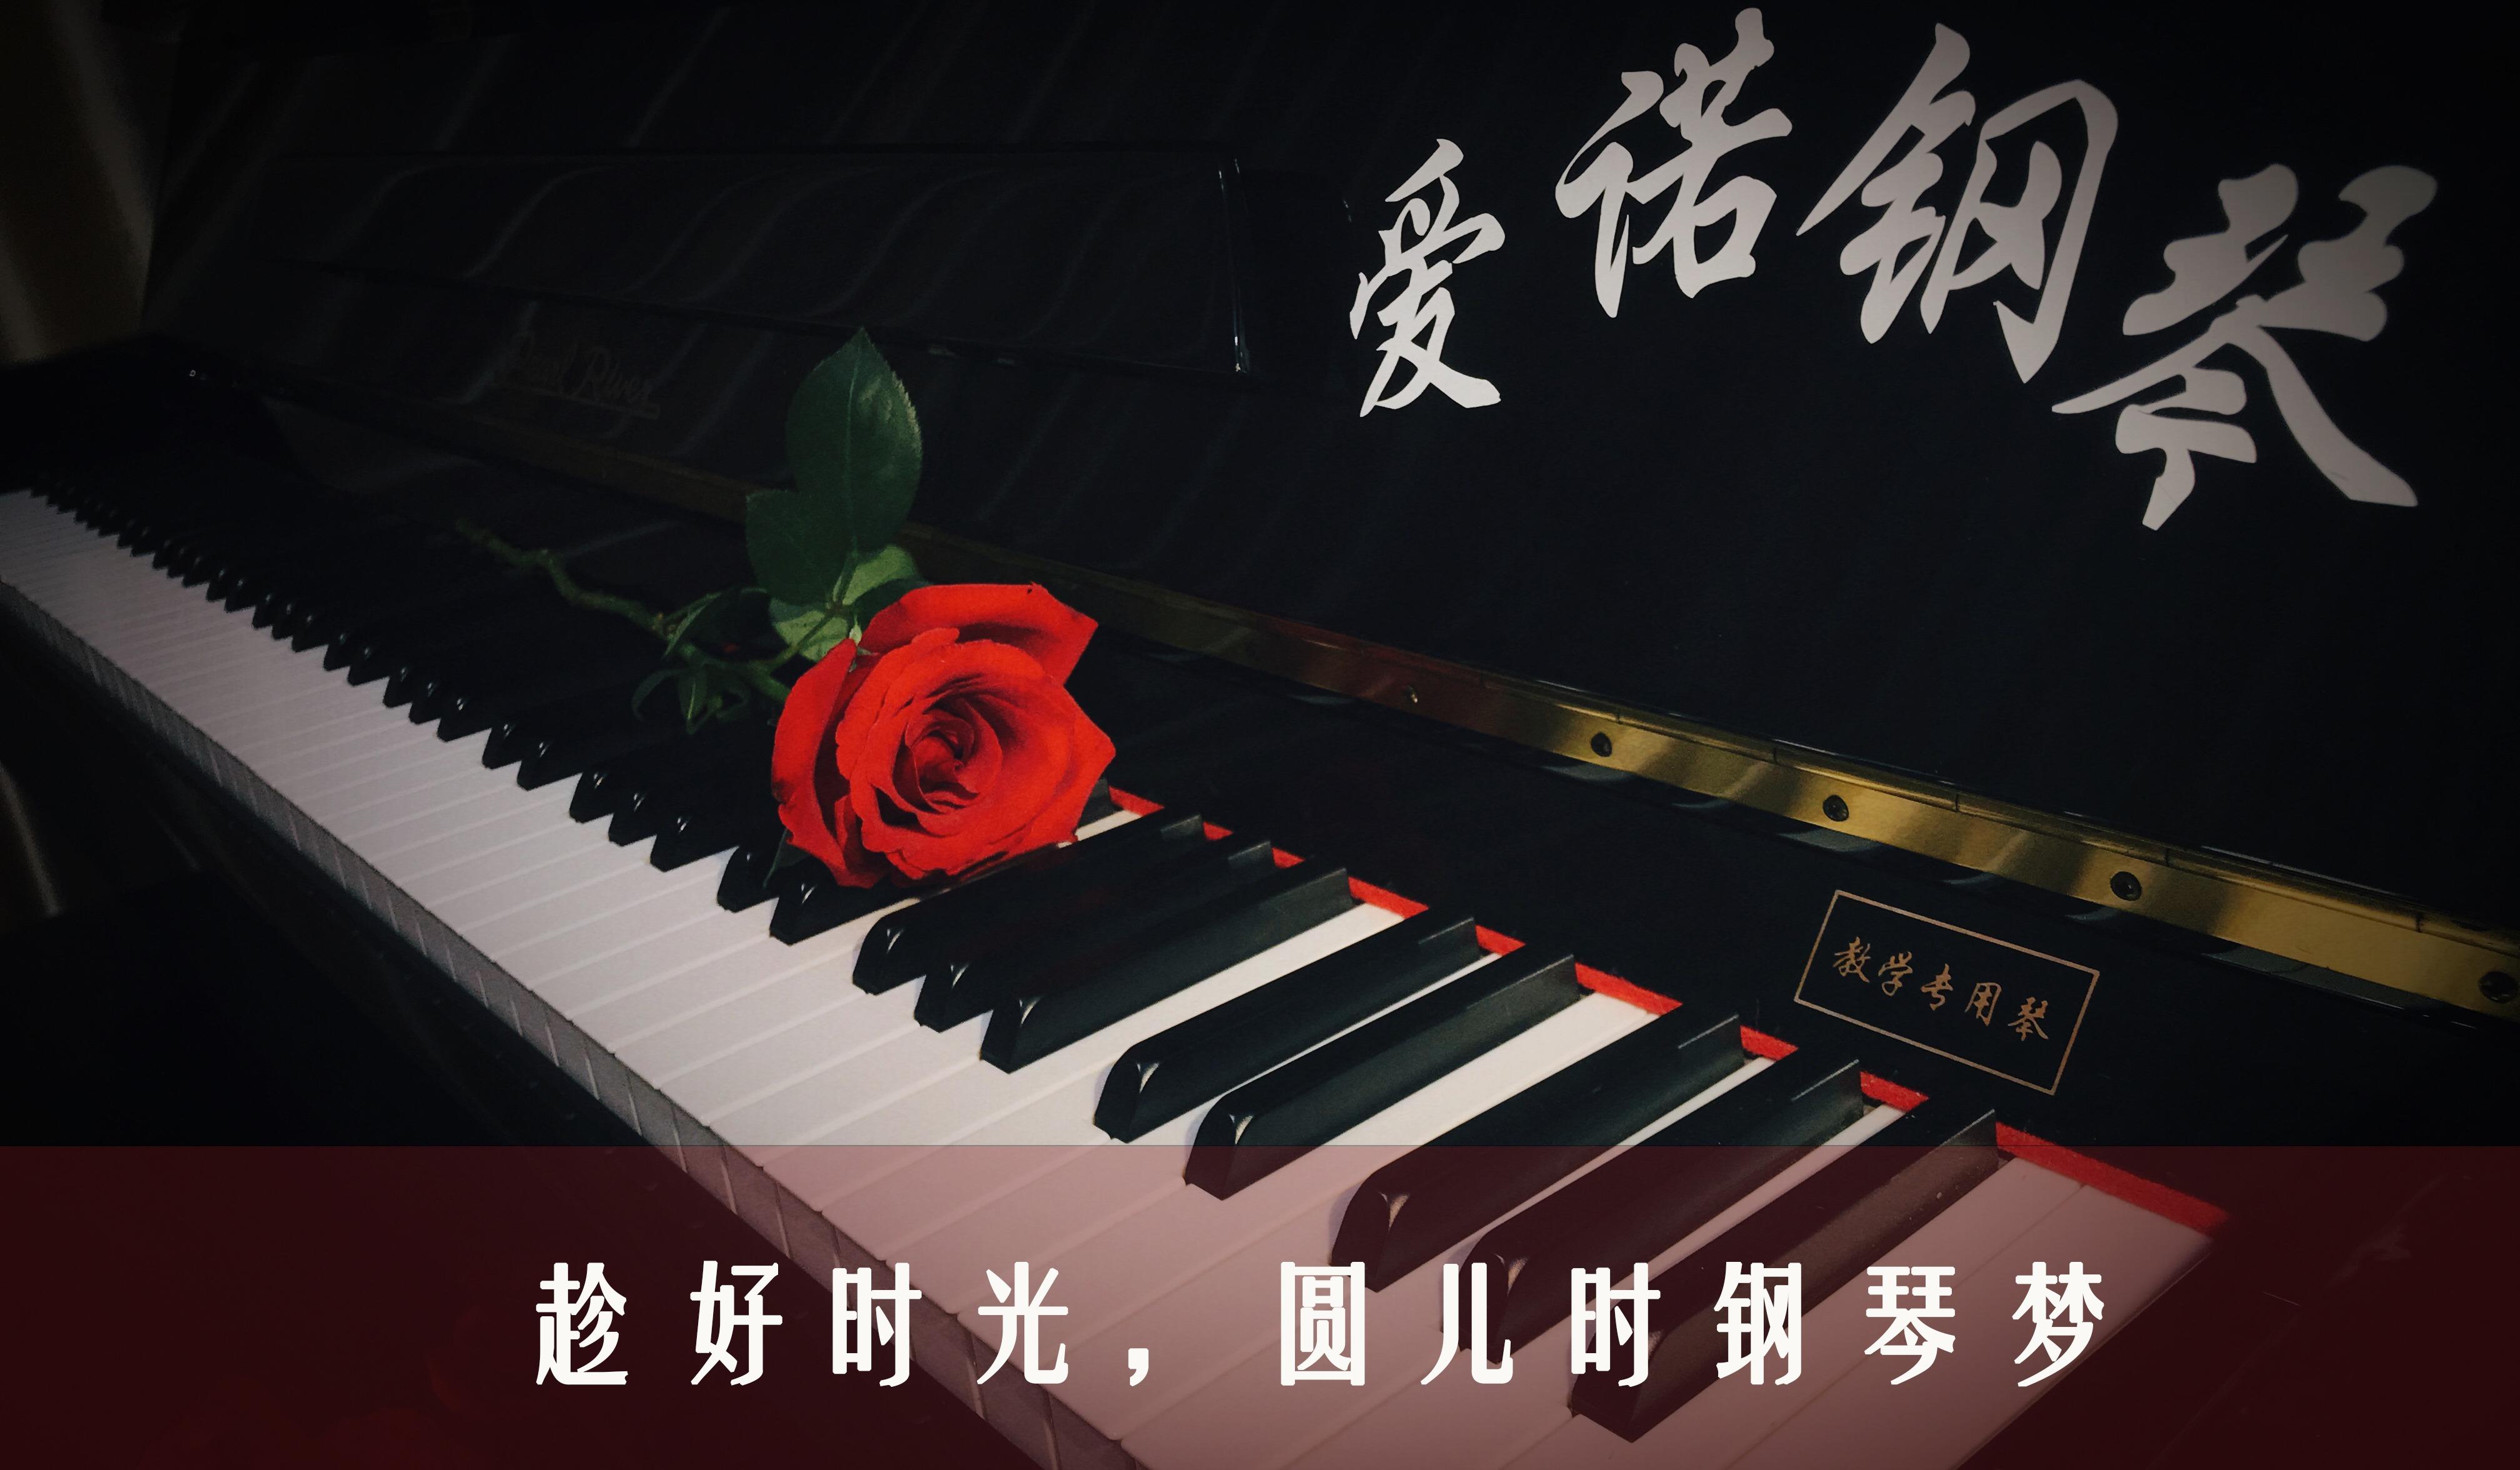 0基础?没关系,一节课便让你双手弹钢琴!